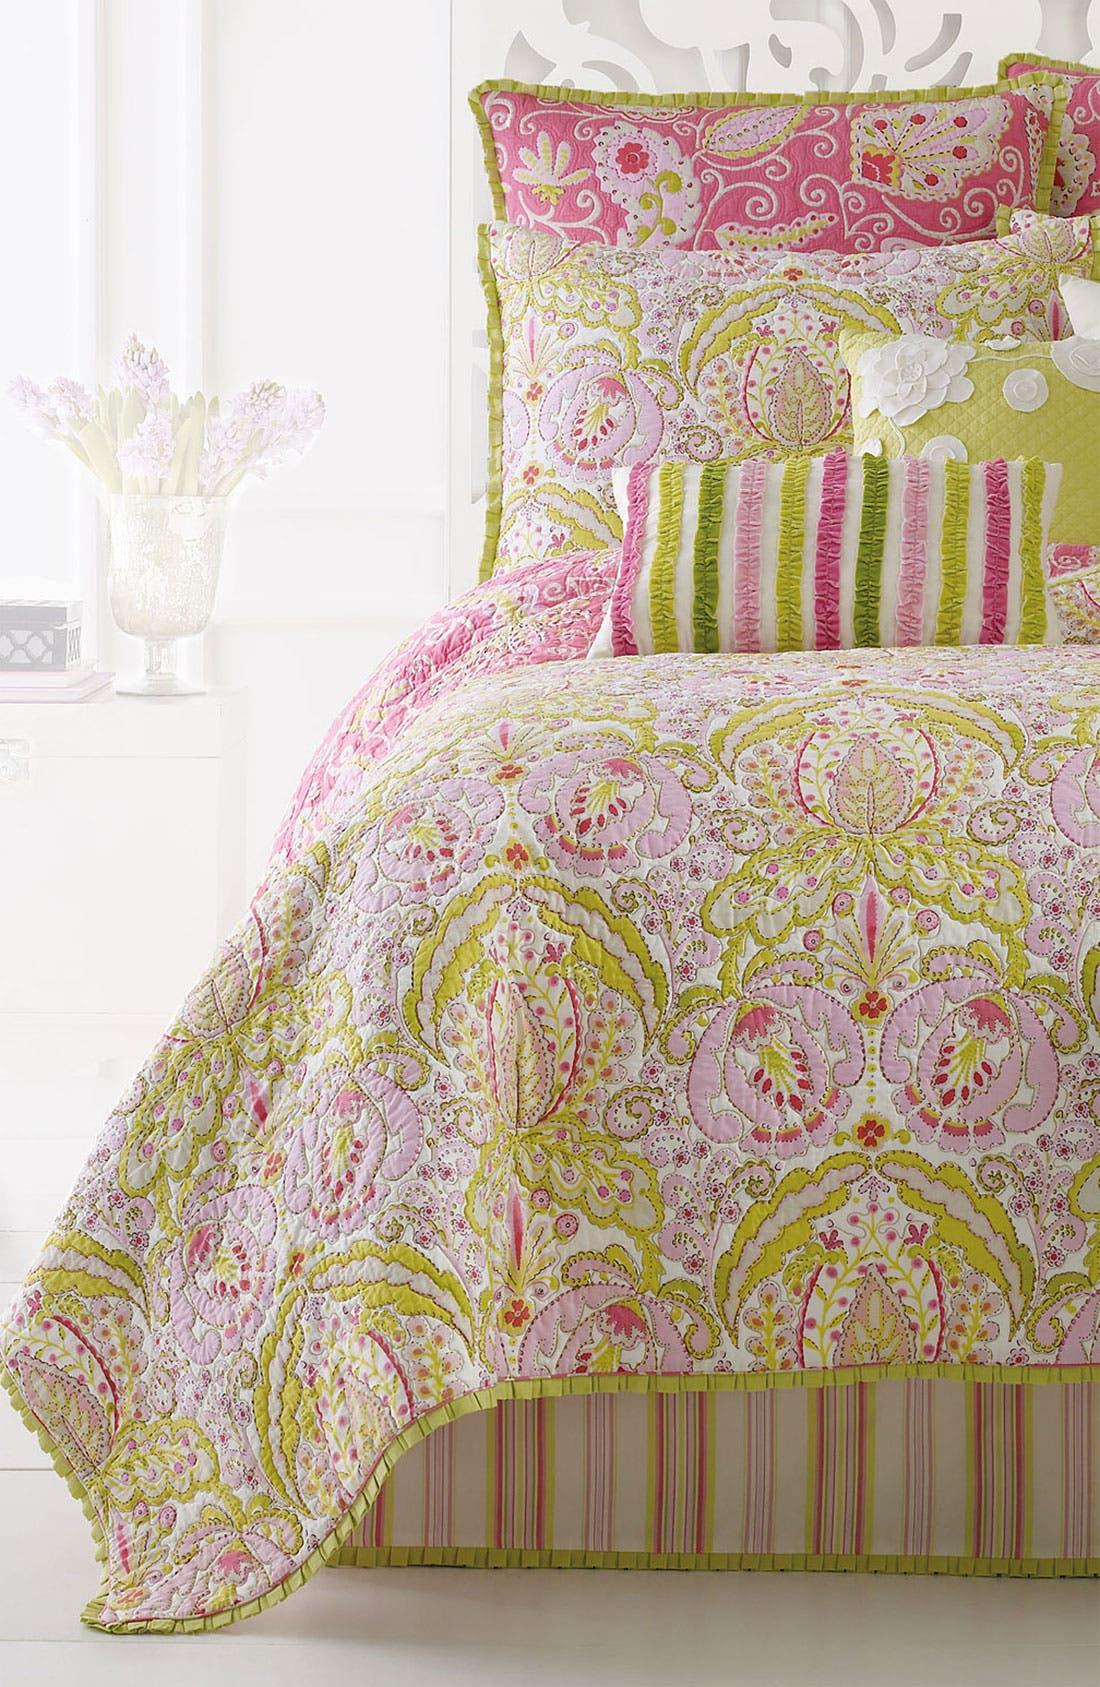 Main Image - Dena Home 'Moroccan Garden' Quilt